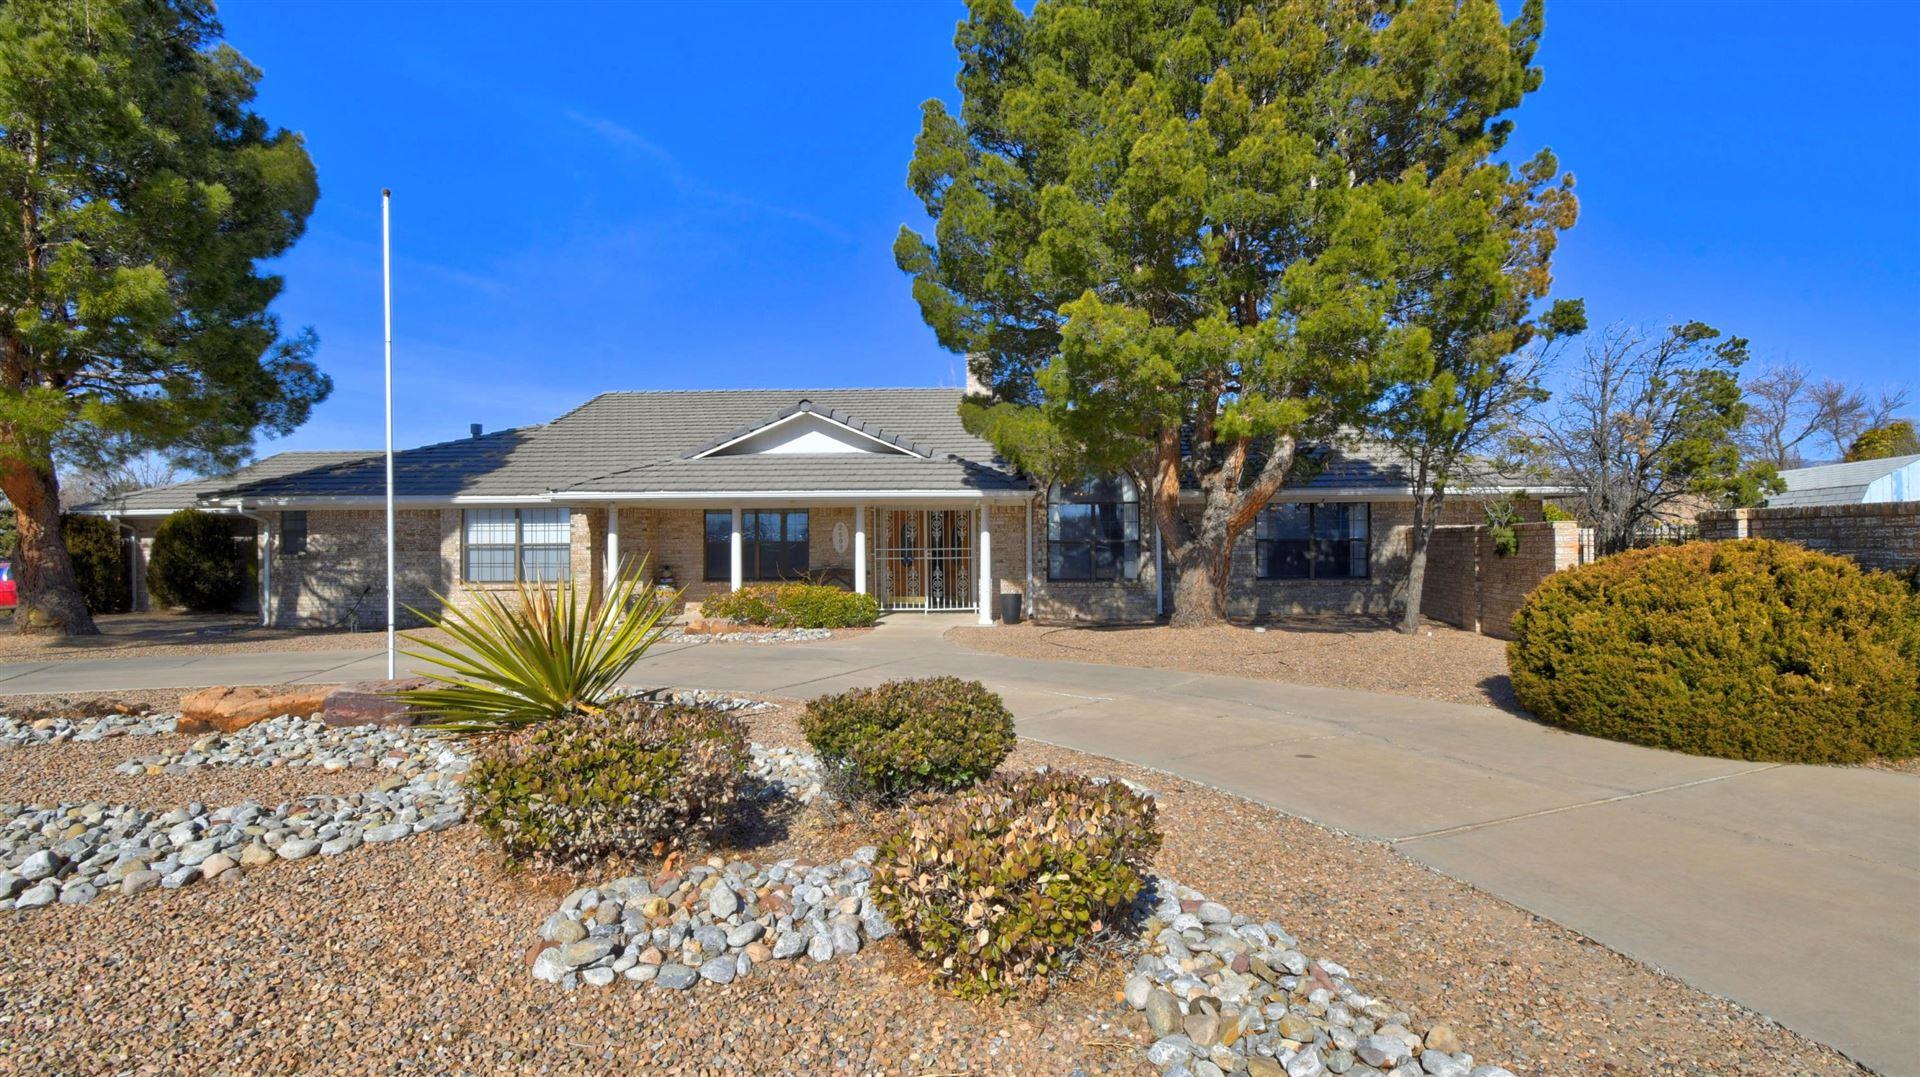 2509 RIDGECREST Drive SE, Albuquerque, NM 87108 - MLS#: 985422